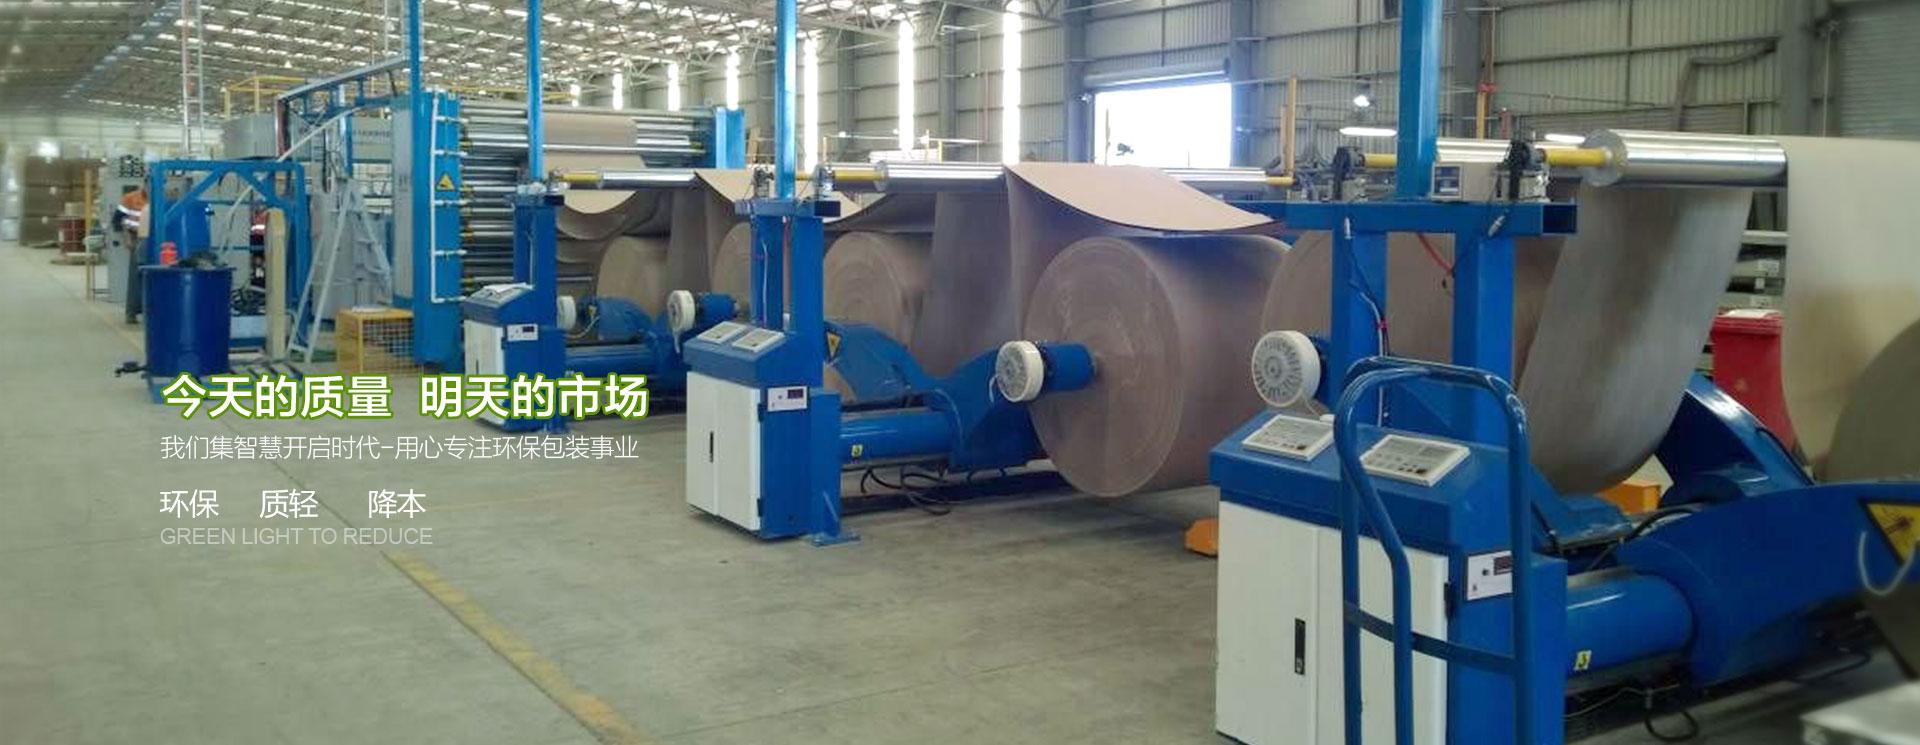 蜂窝纸芯厂家